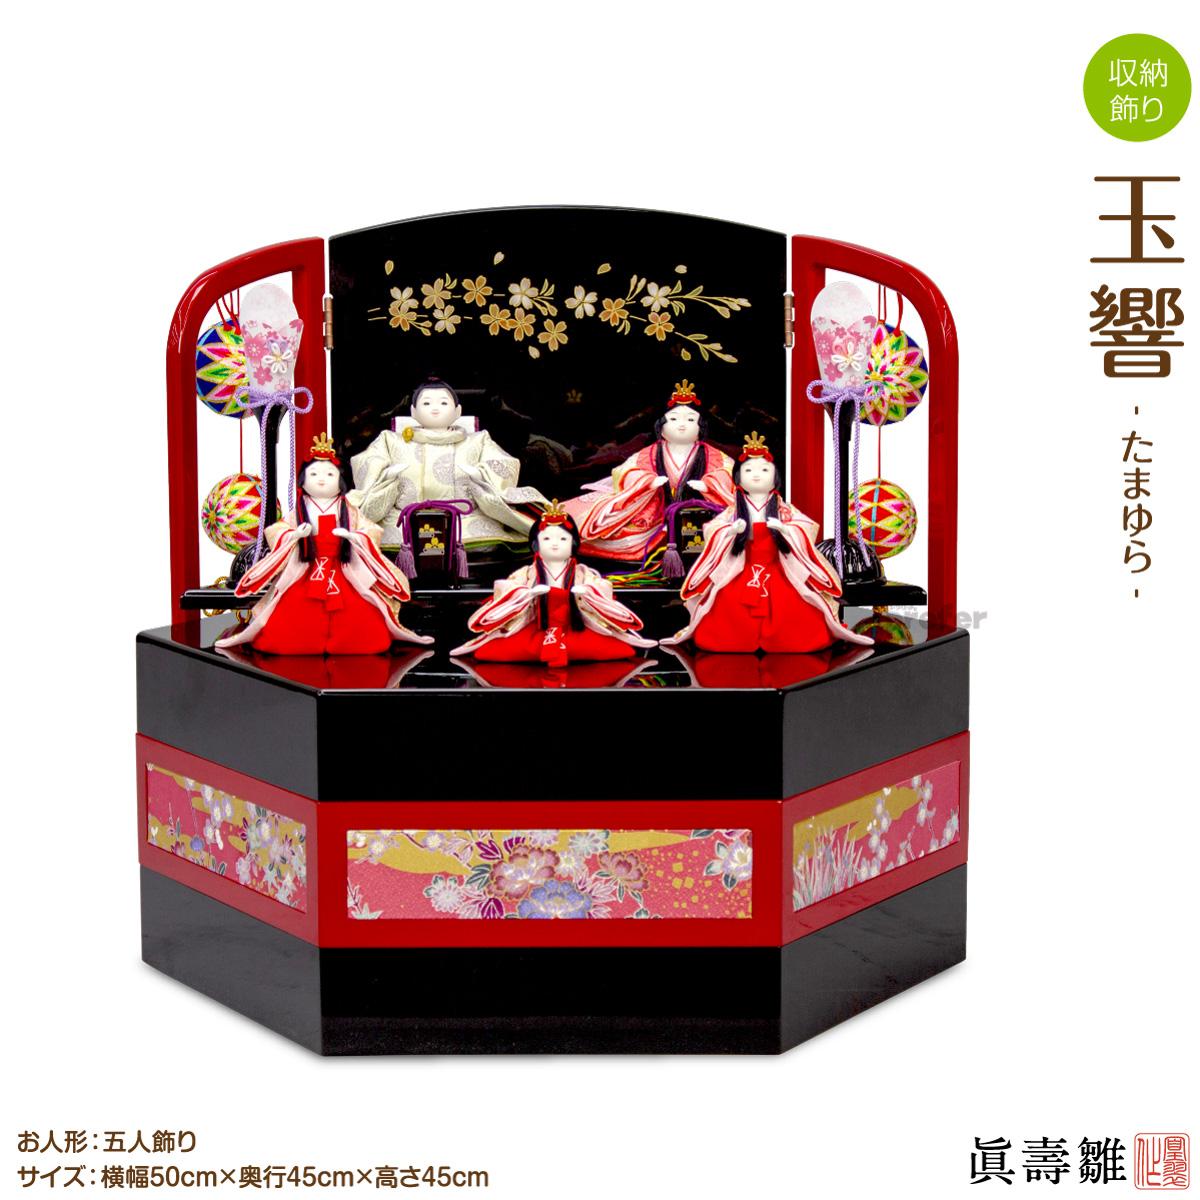 雛人形 収納飾り ひな人形 収納スペース付眞壽雛玉響(たまゆら) コンパクト 収納雛 特選